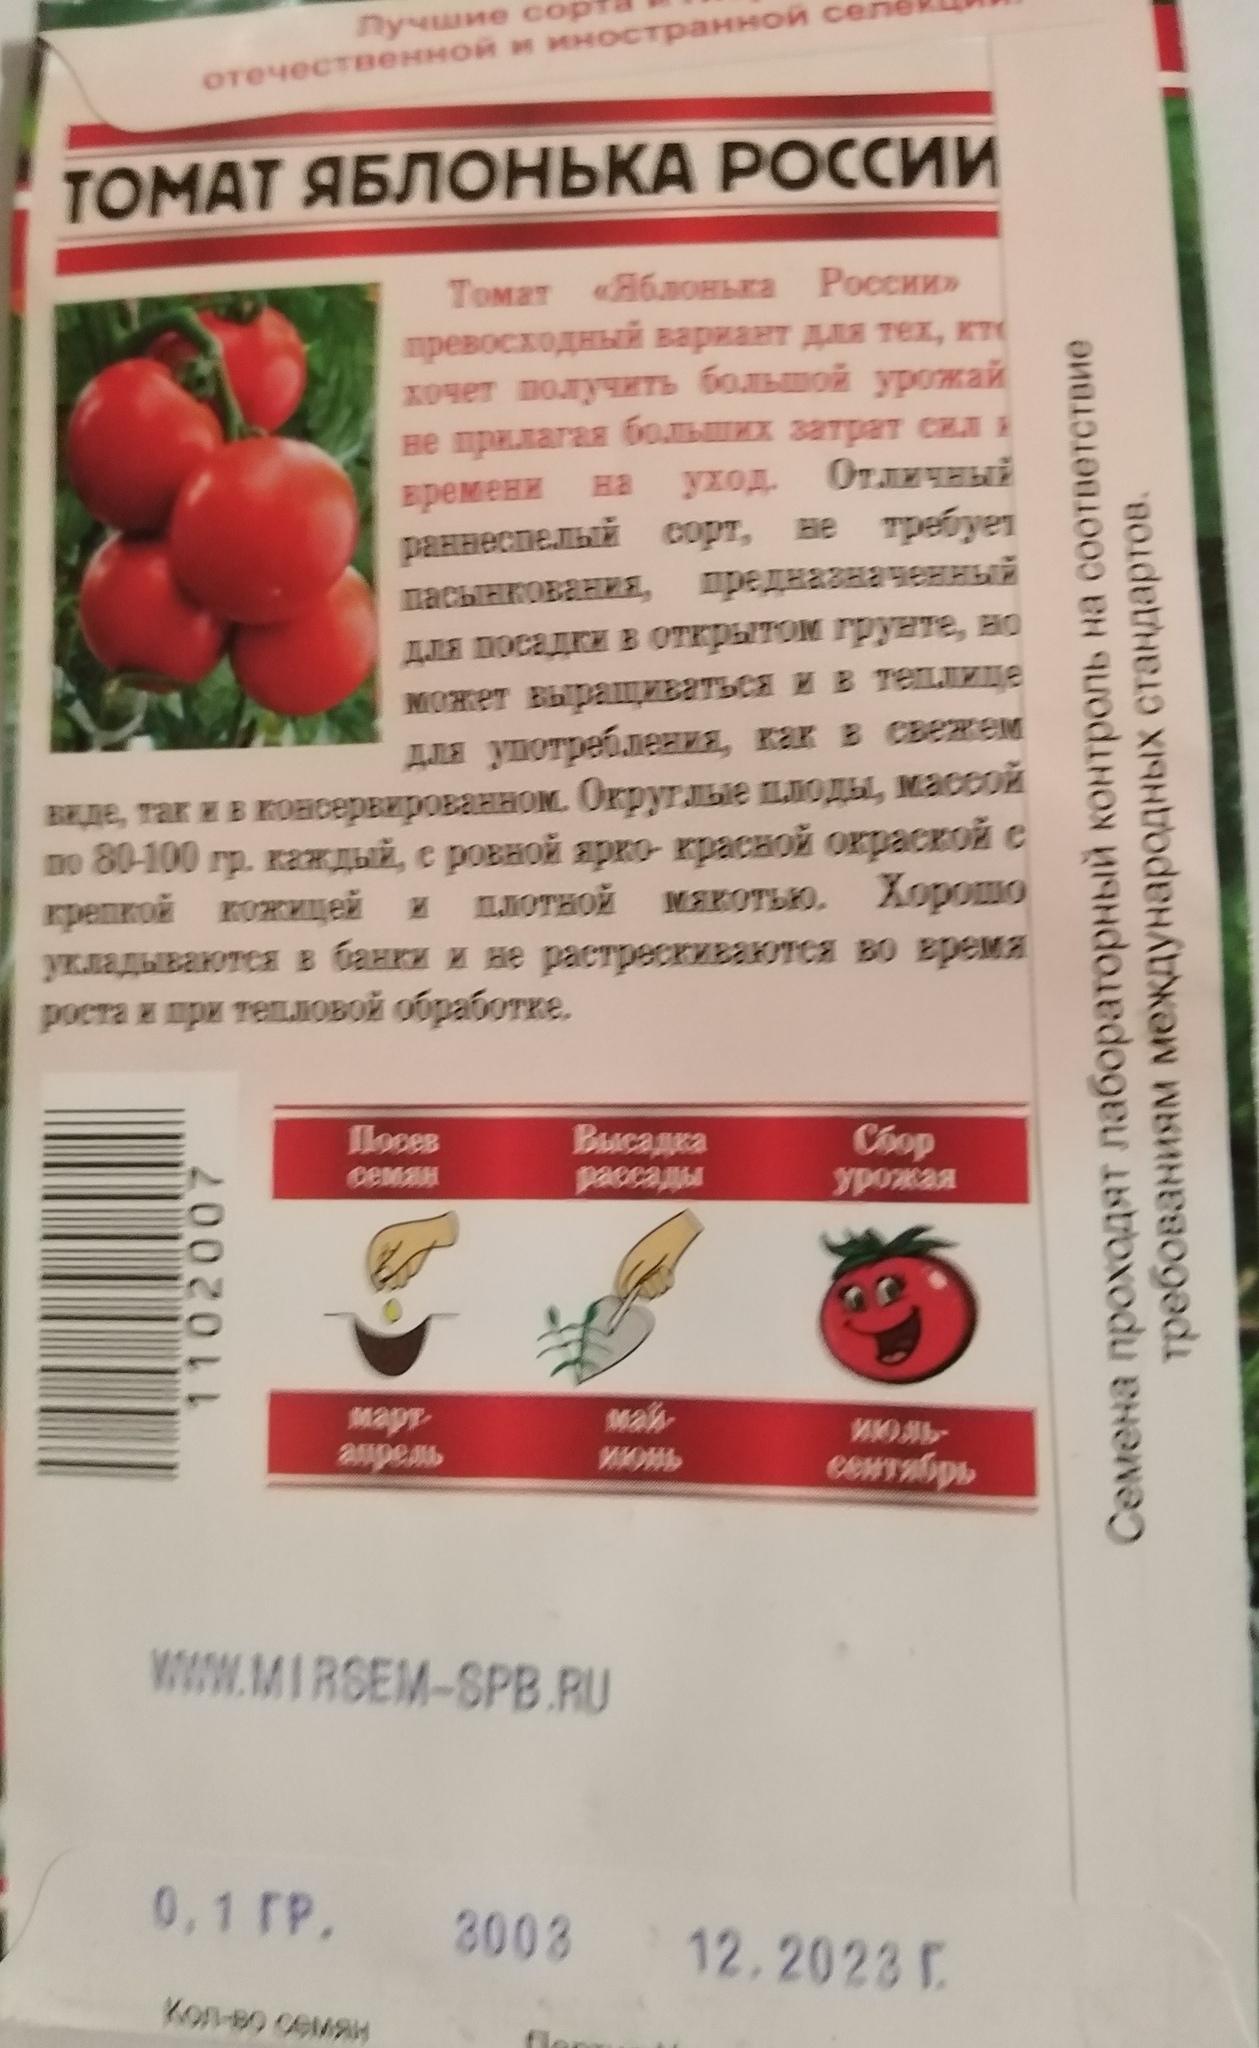 Томат яблонька россии: описание сорта, фото, отзывы, характеристика плодов, урожайность